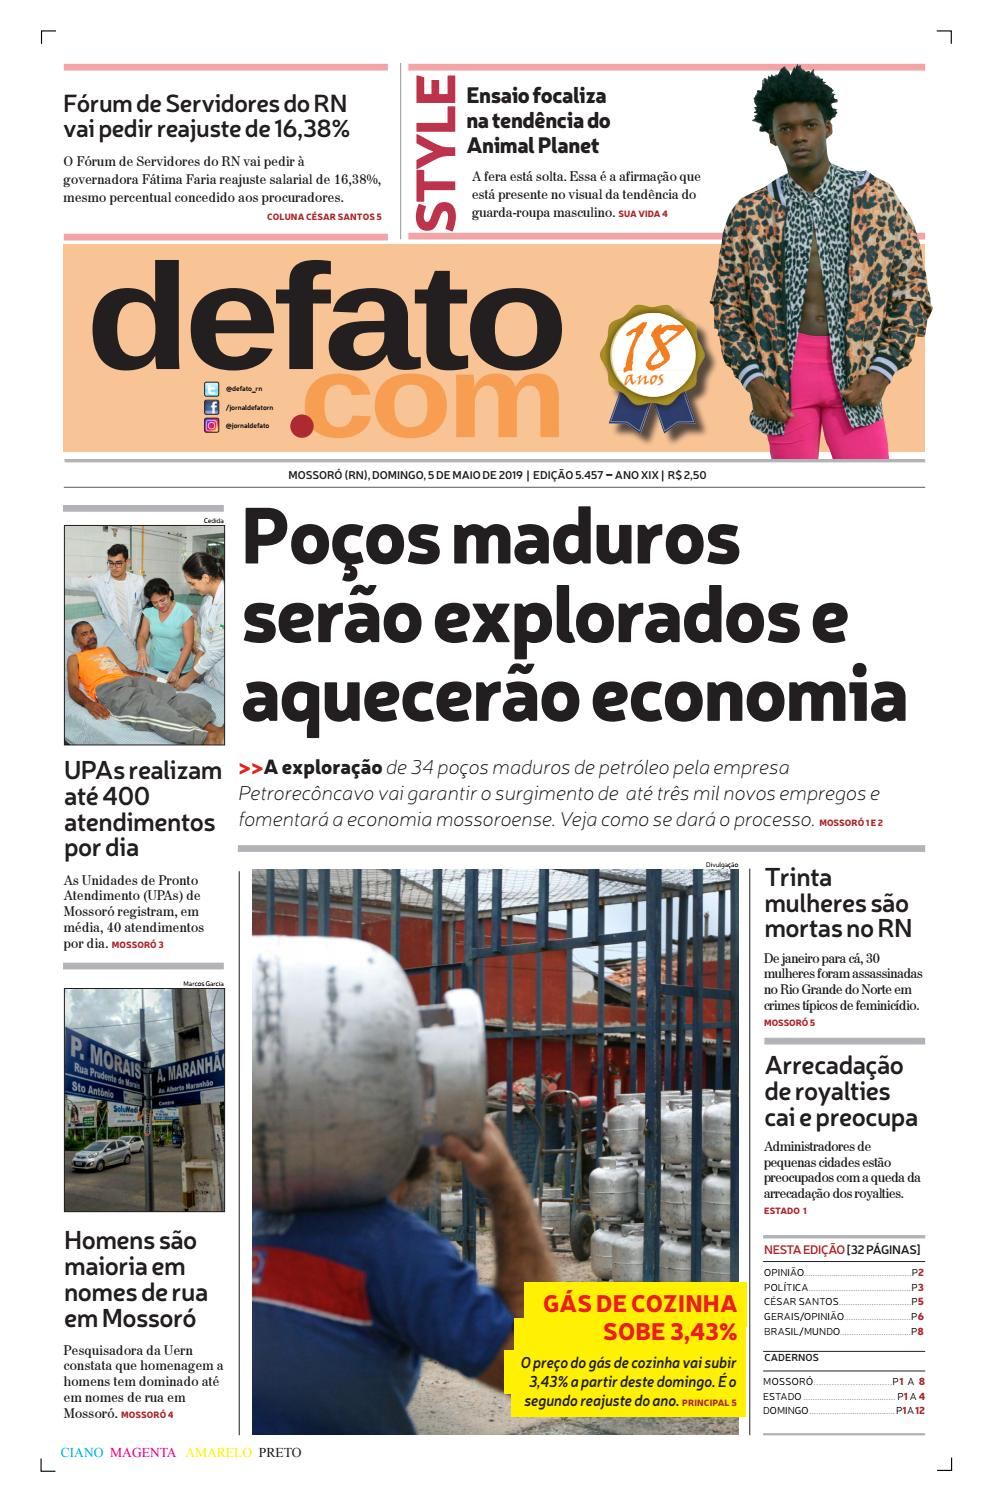 b338f64ed8 Jornal de Fato by Jornal de Fato - issuu